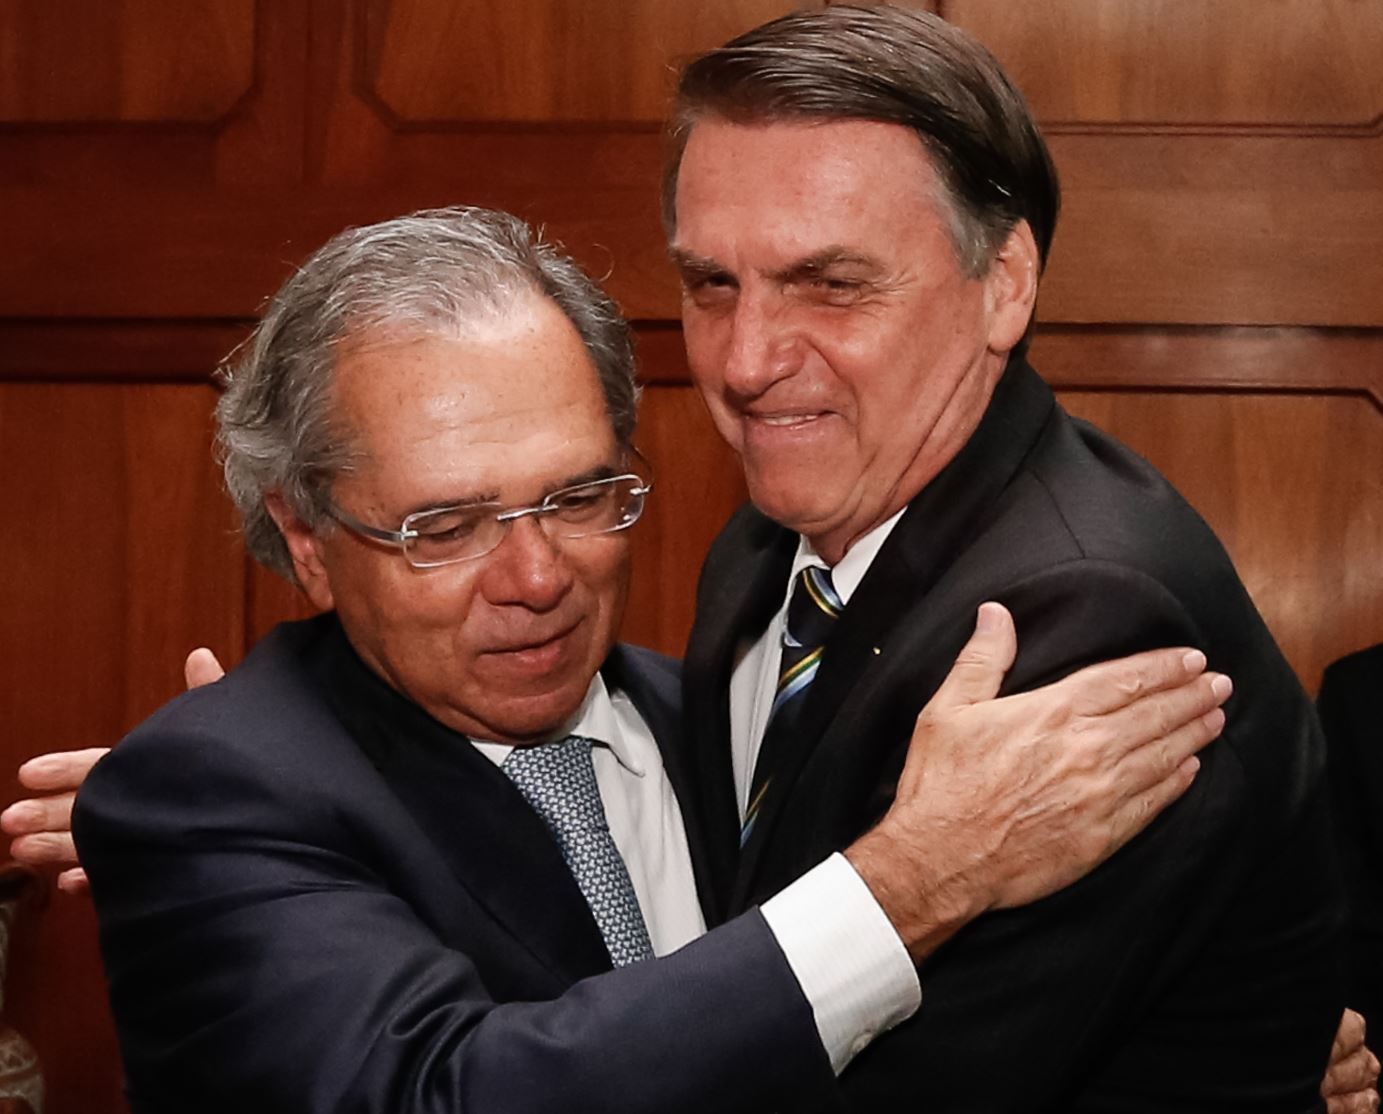 Após divergência sobre Renda Brasil, Bolsonaro e Guedes farão live - Prisma  - R7 R7 Planalto